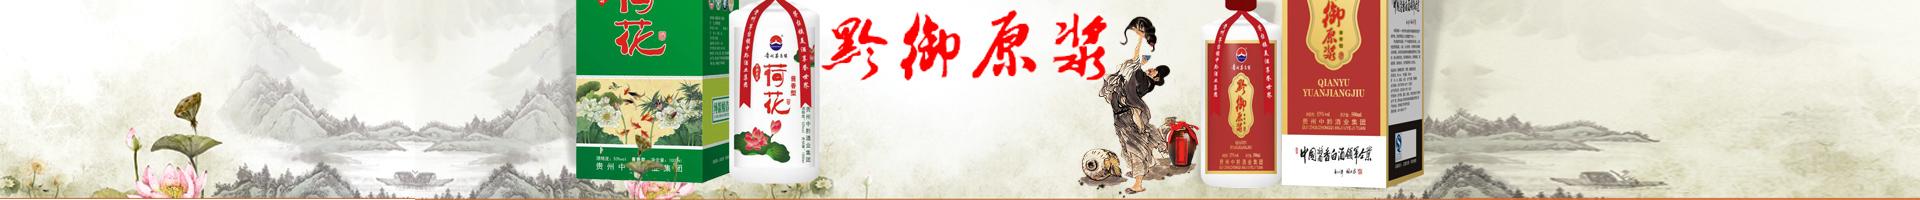 中黔集团全国综合招商部